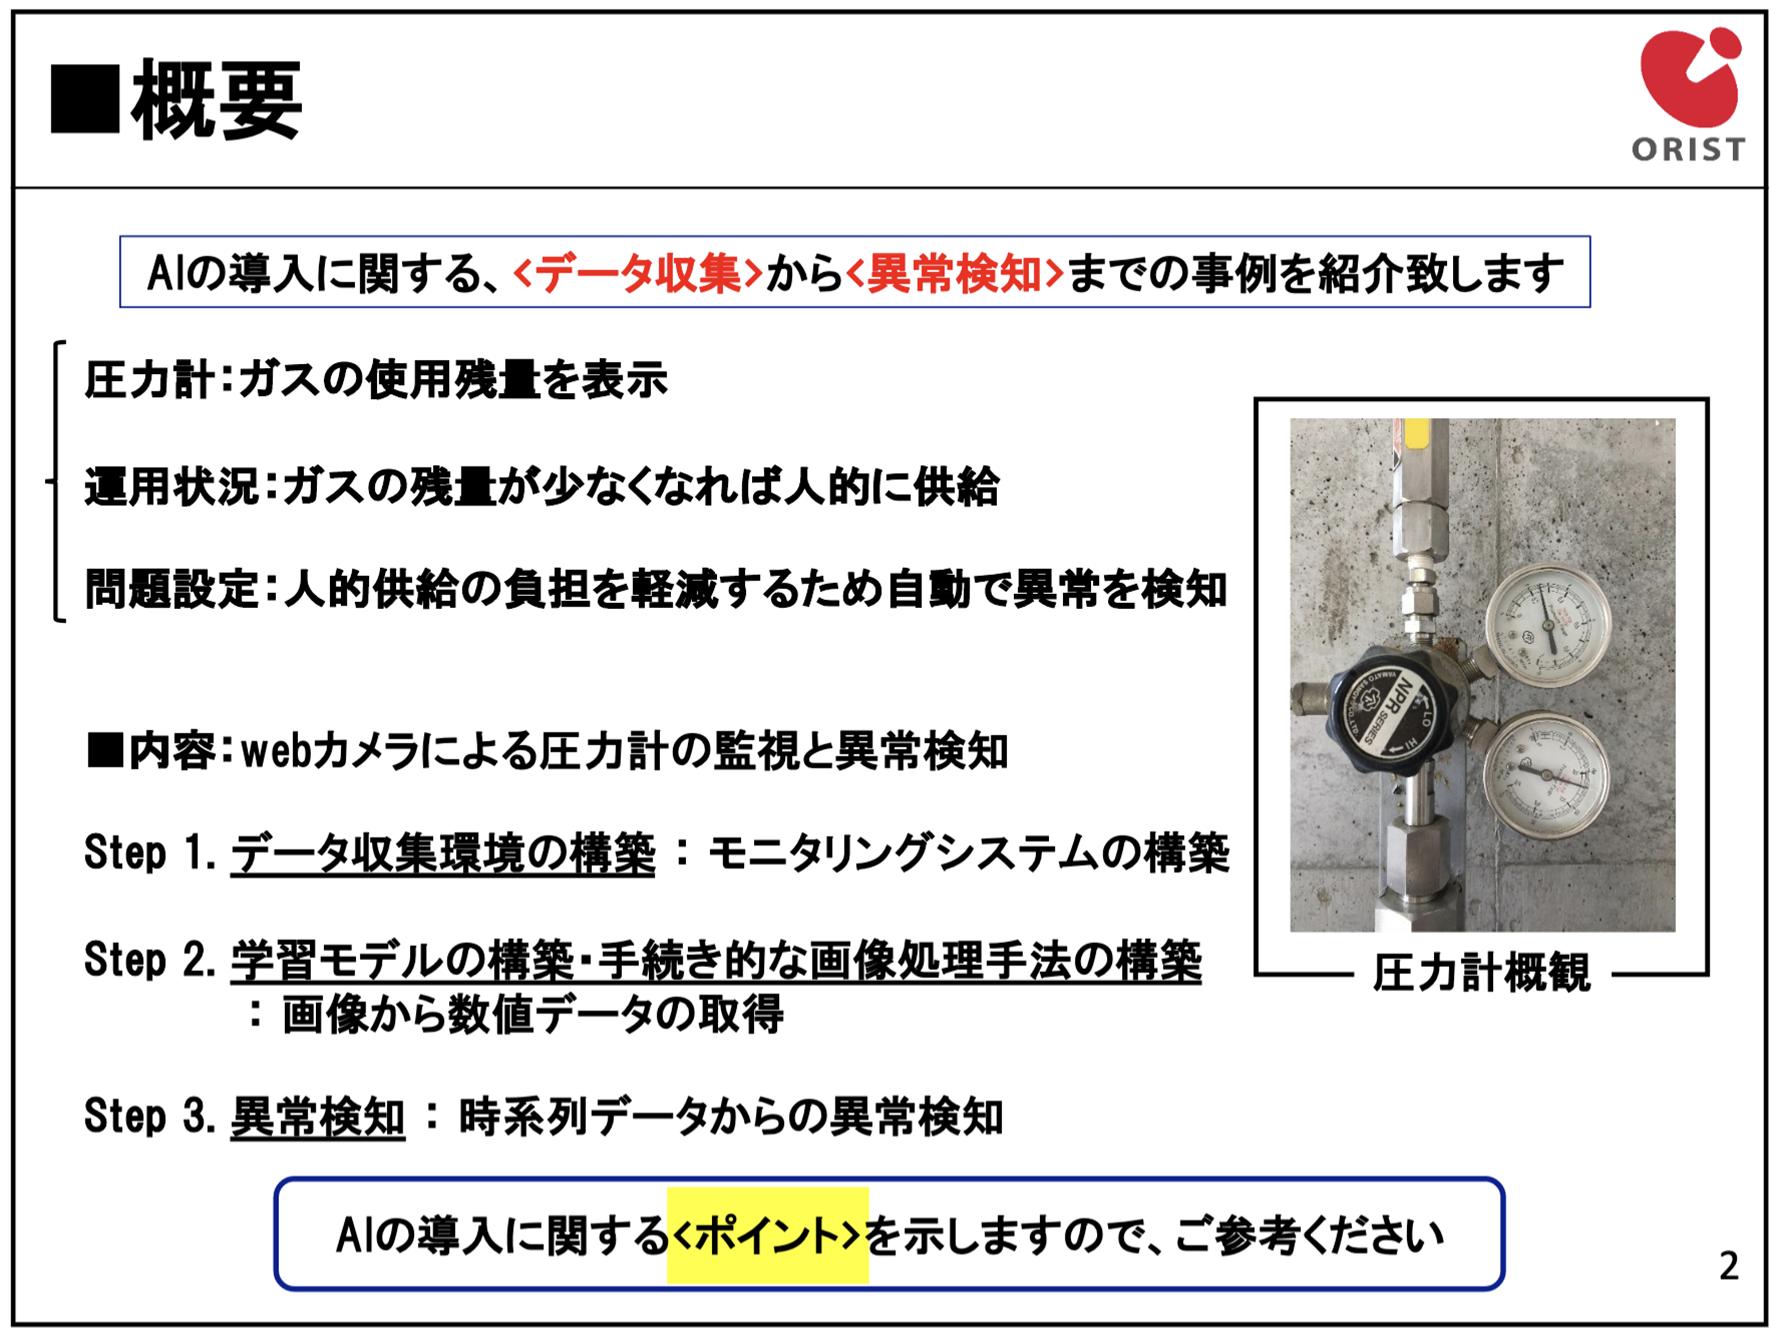 圧力ゲージを対象としたAI利用による異常検知までの事例紹介